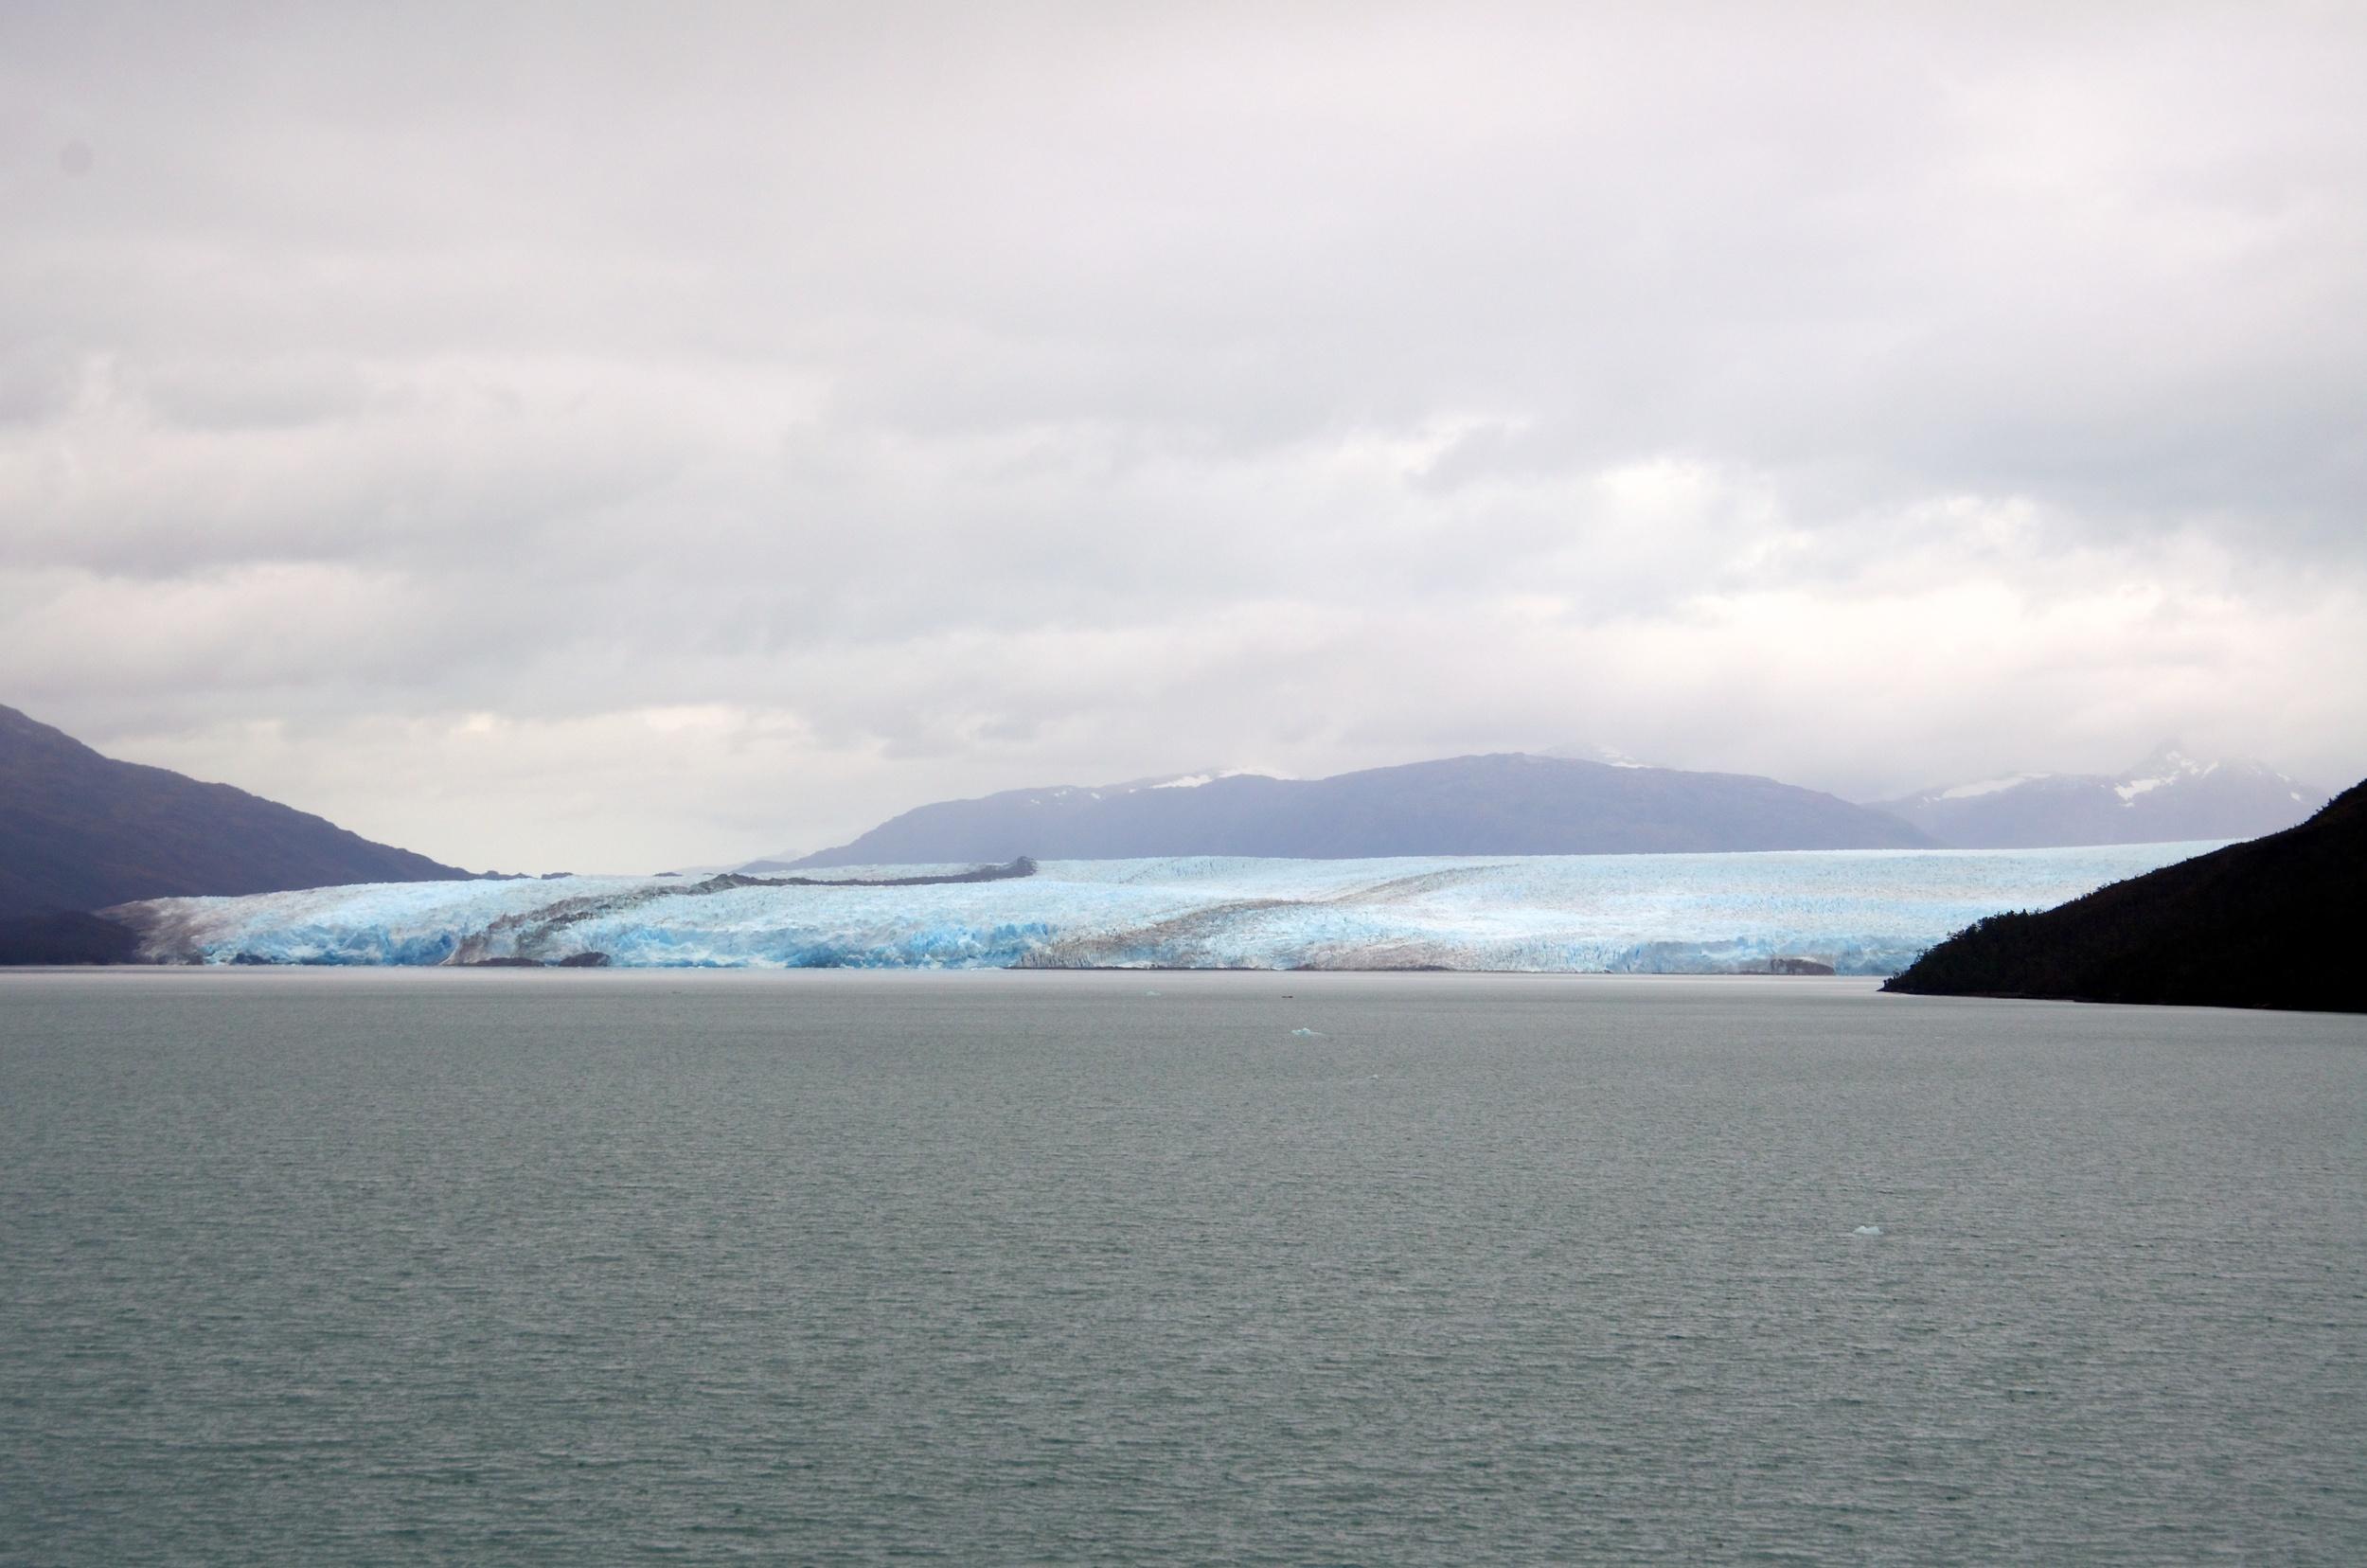 Pio X1 Glacier #2, Patagonia, Chile, 1 Apr 2012